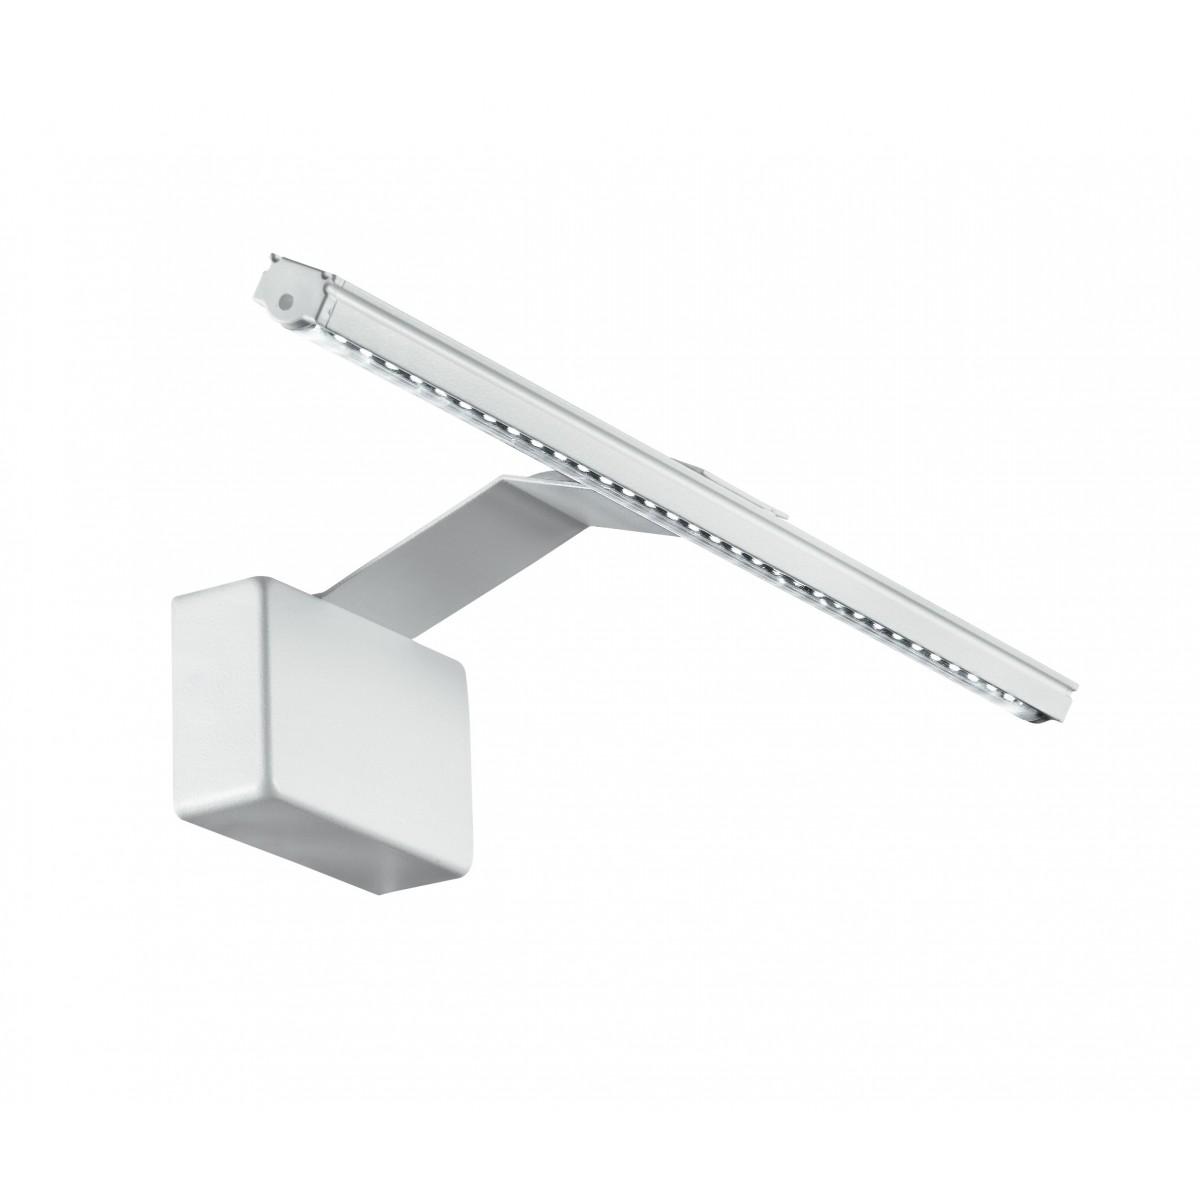 Led-W-Alcor / 5W Bco - Applique murale blanche moderne avec lumière LED 5 Watt 3500 Kelvin